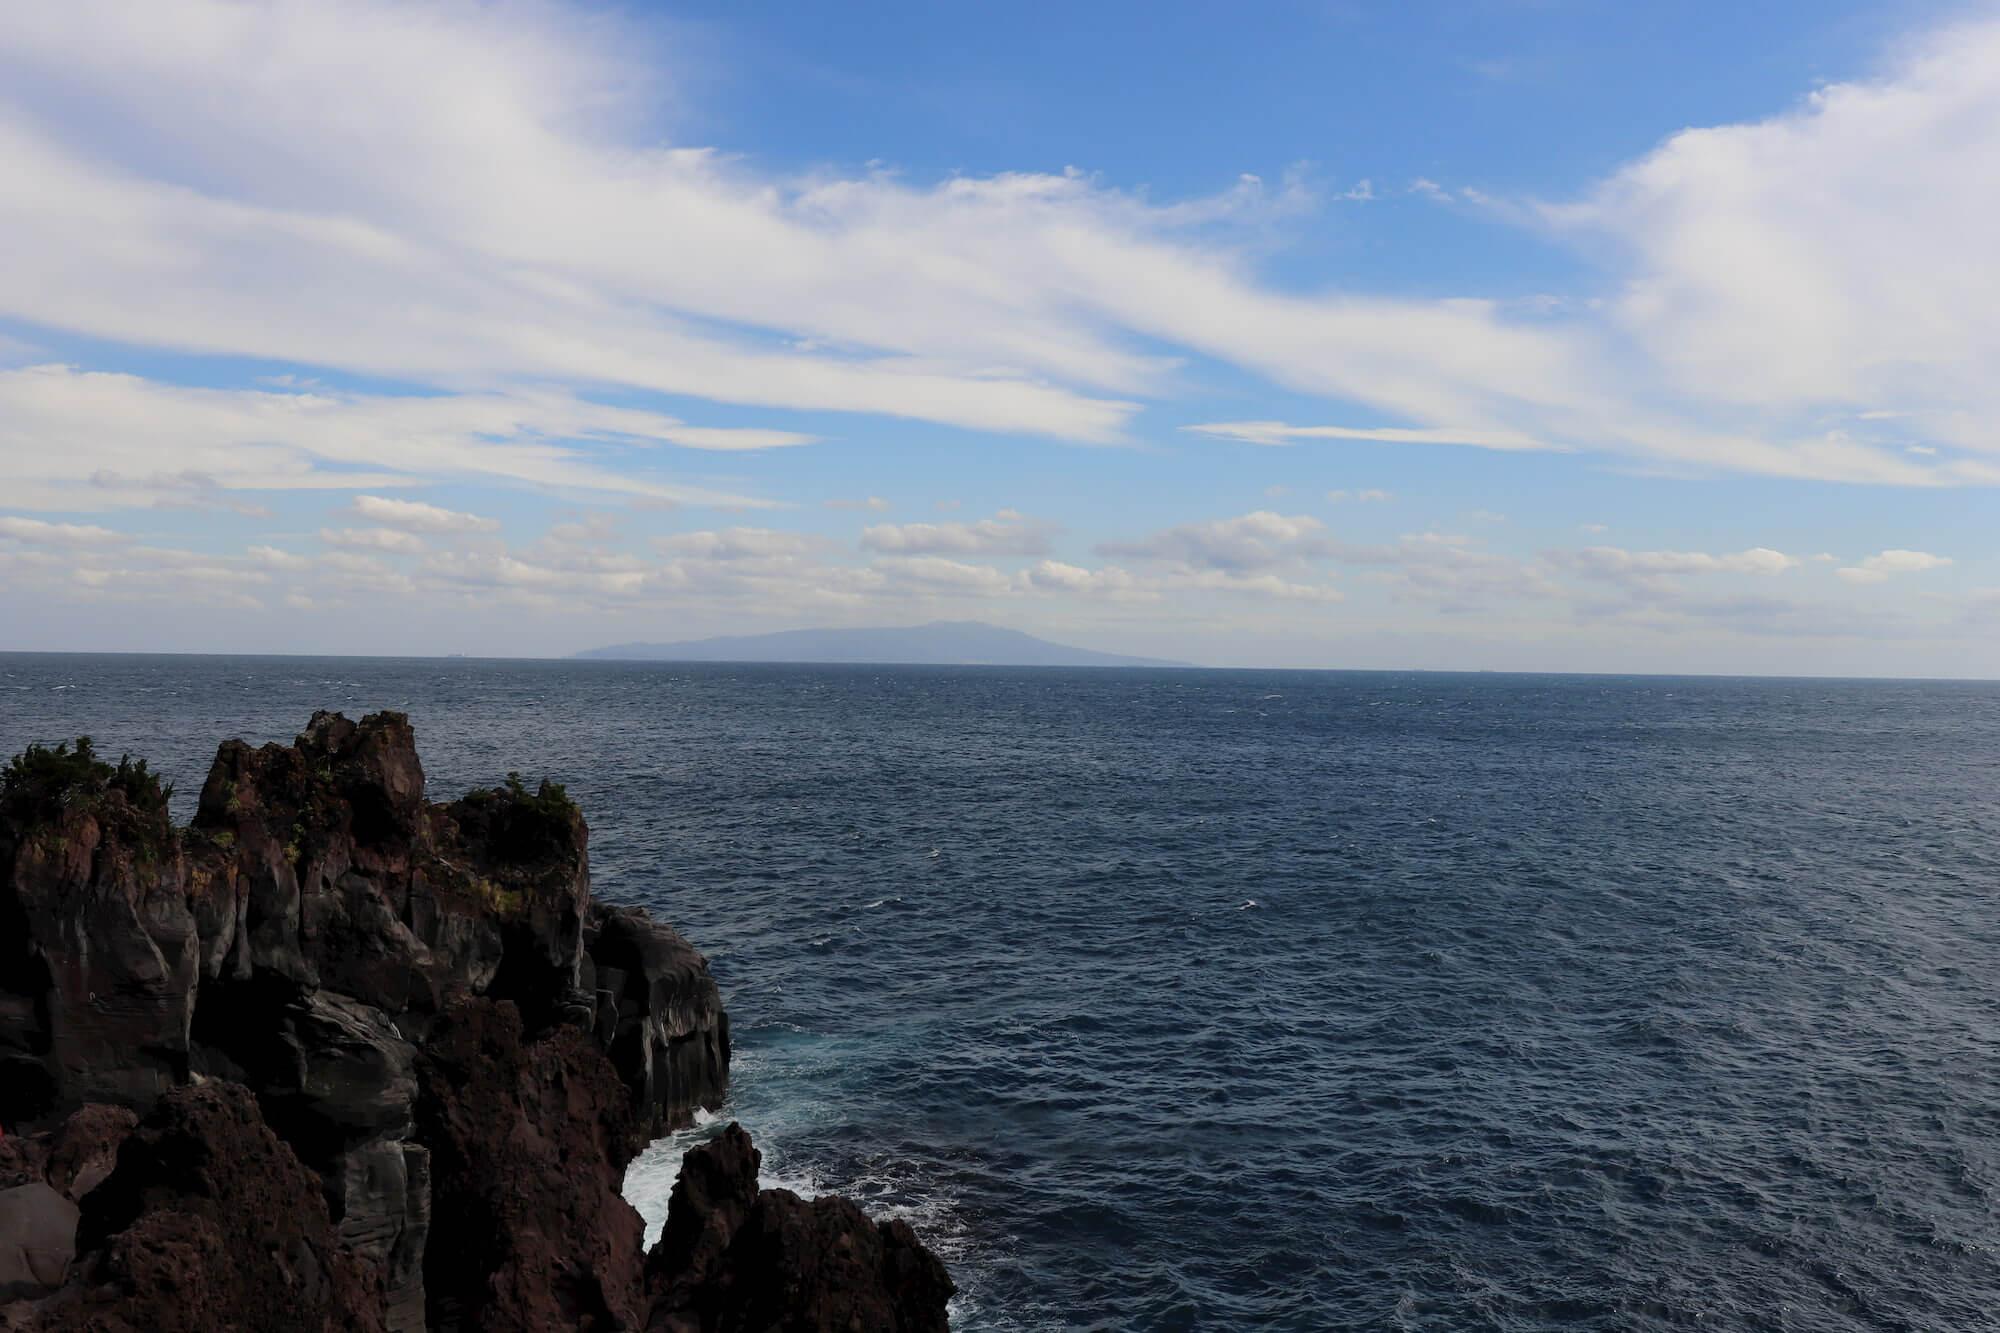 城ヶ崎海岸の門脇吊り橋から見える伊豆大島